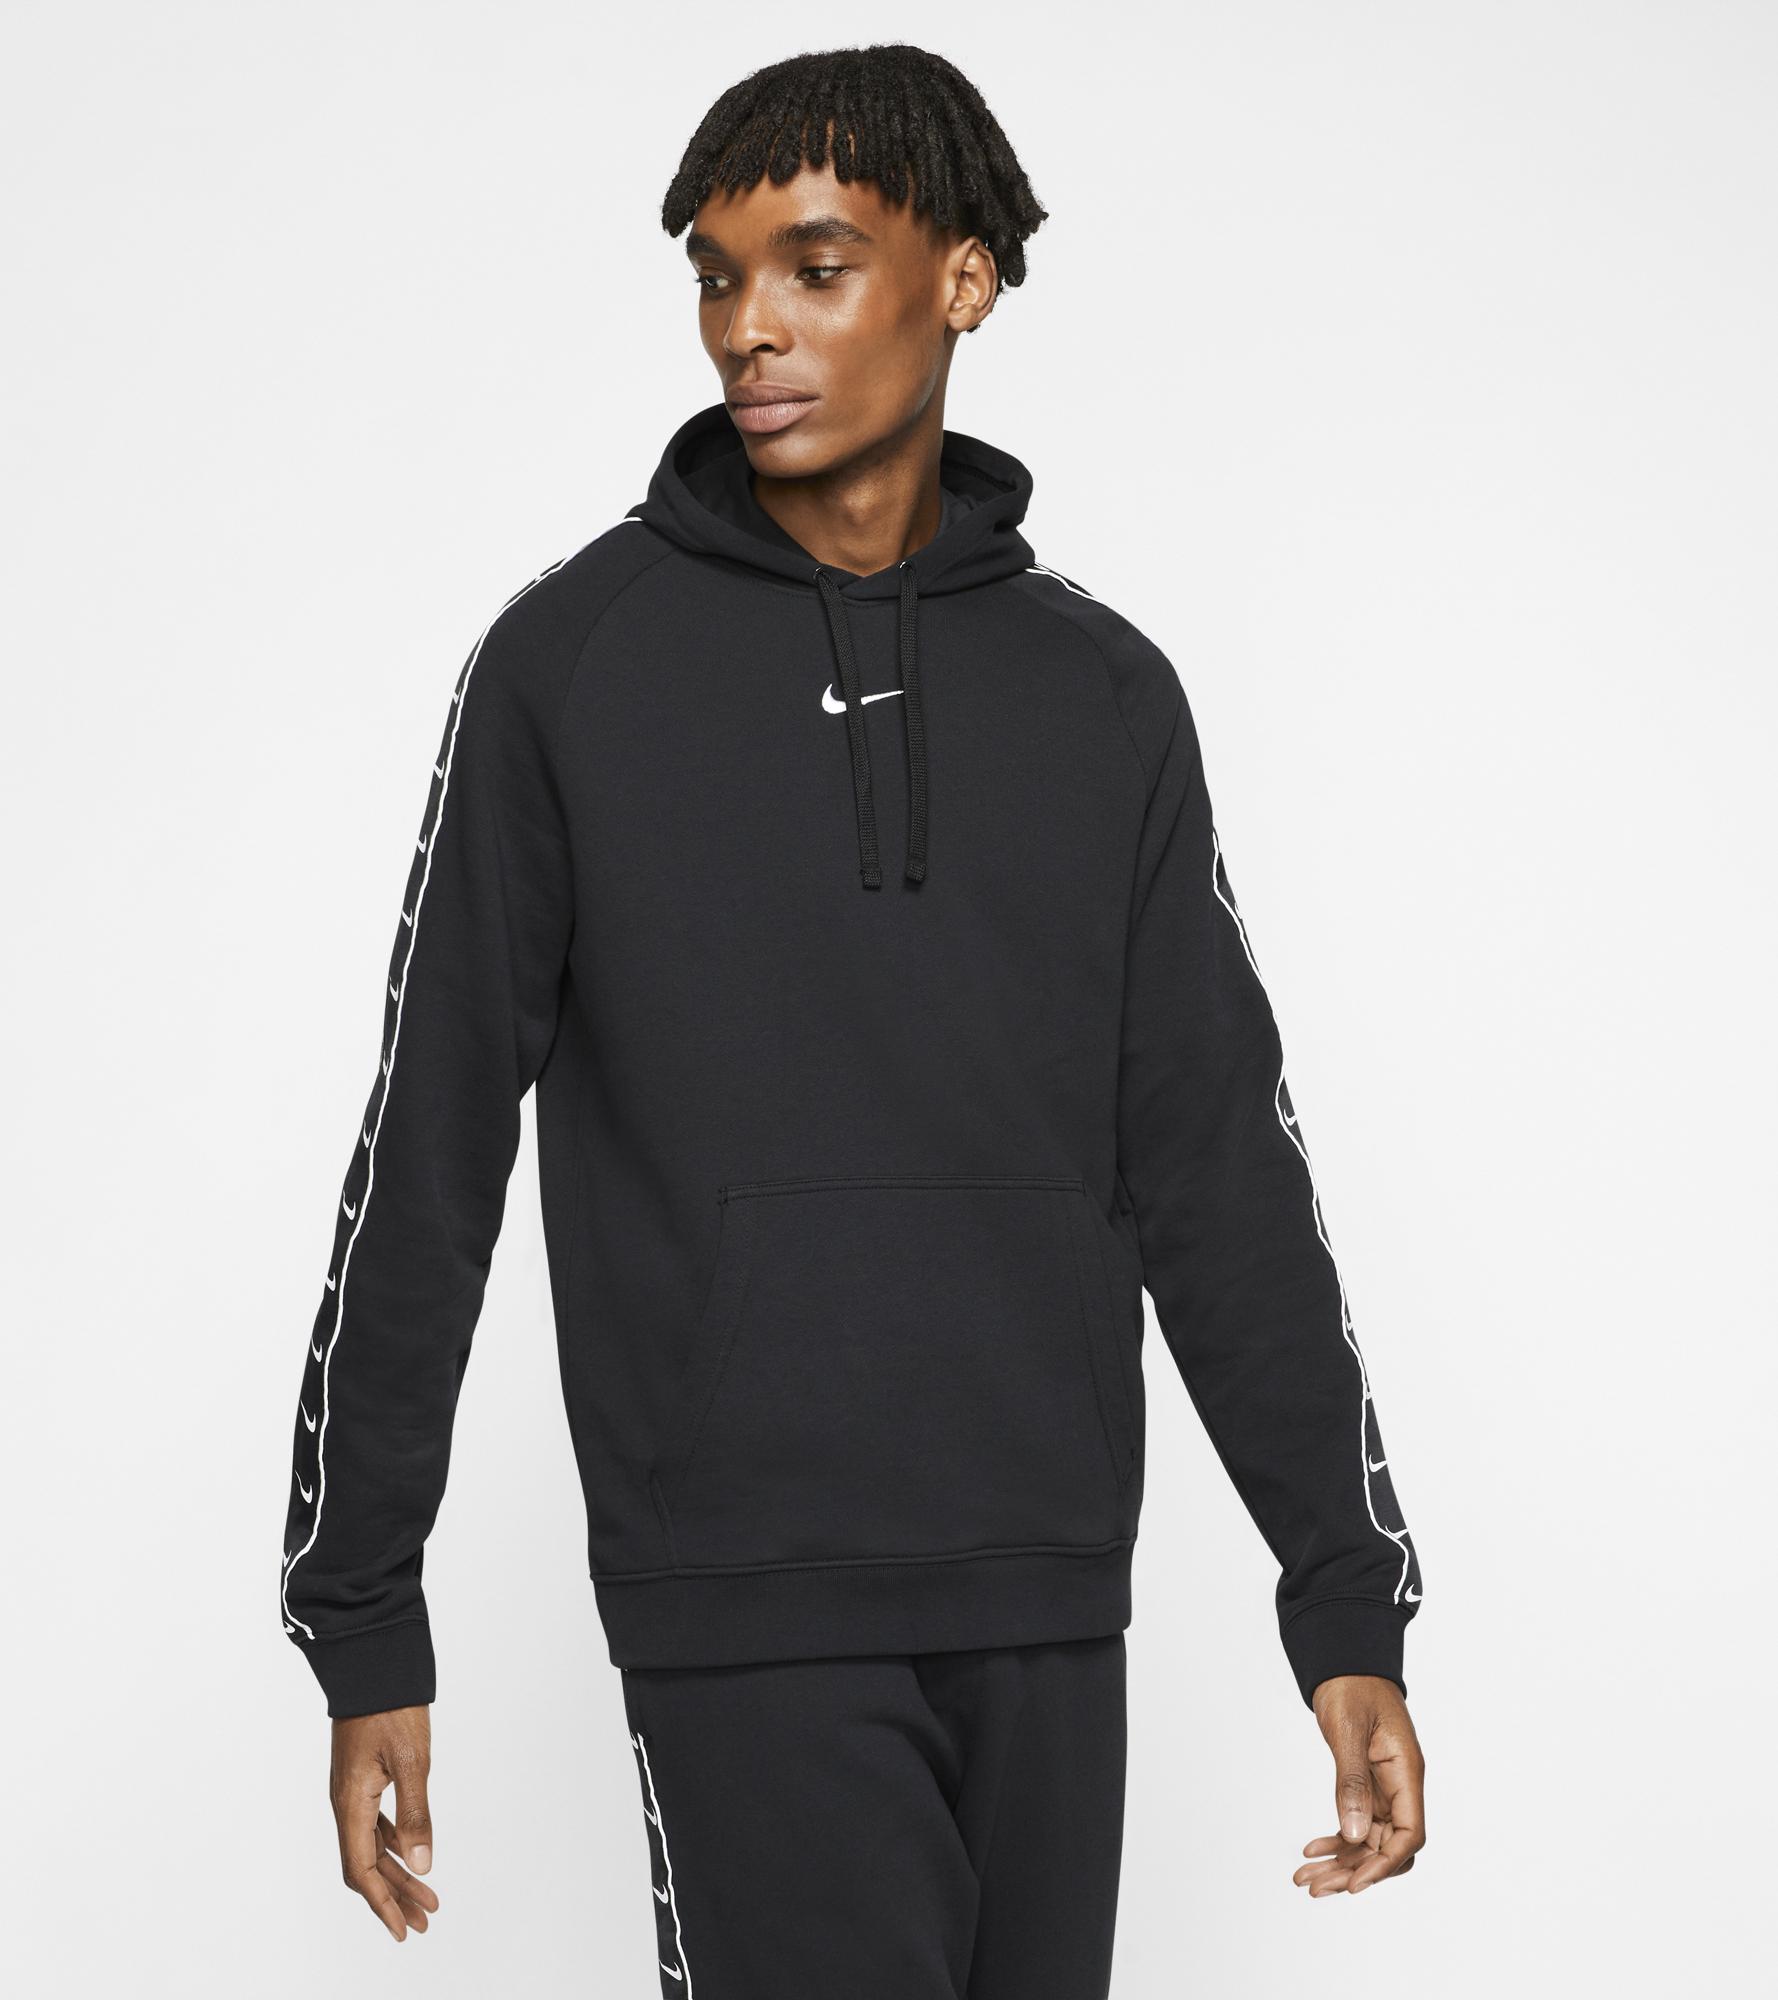 цена Nike Худи мужская Nike, размер 50-52 онлайн в 2017 году